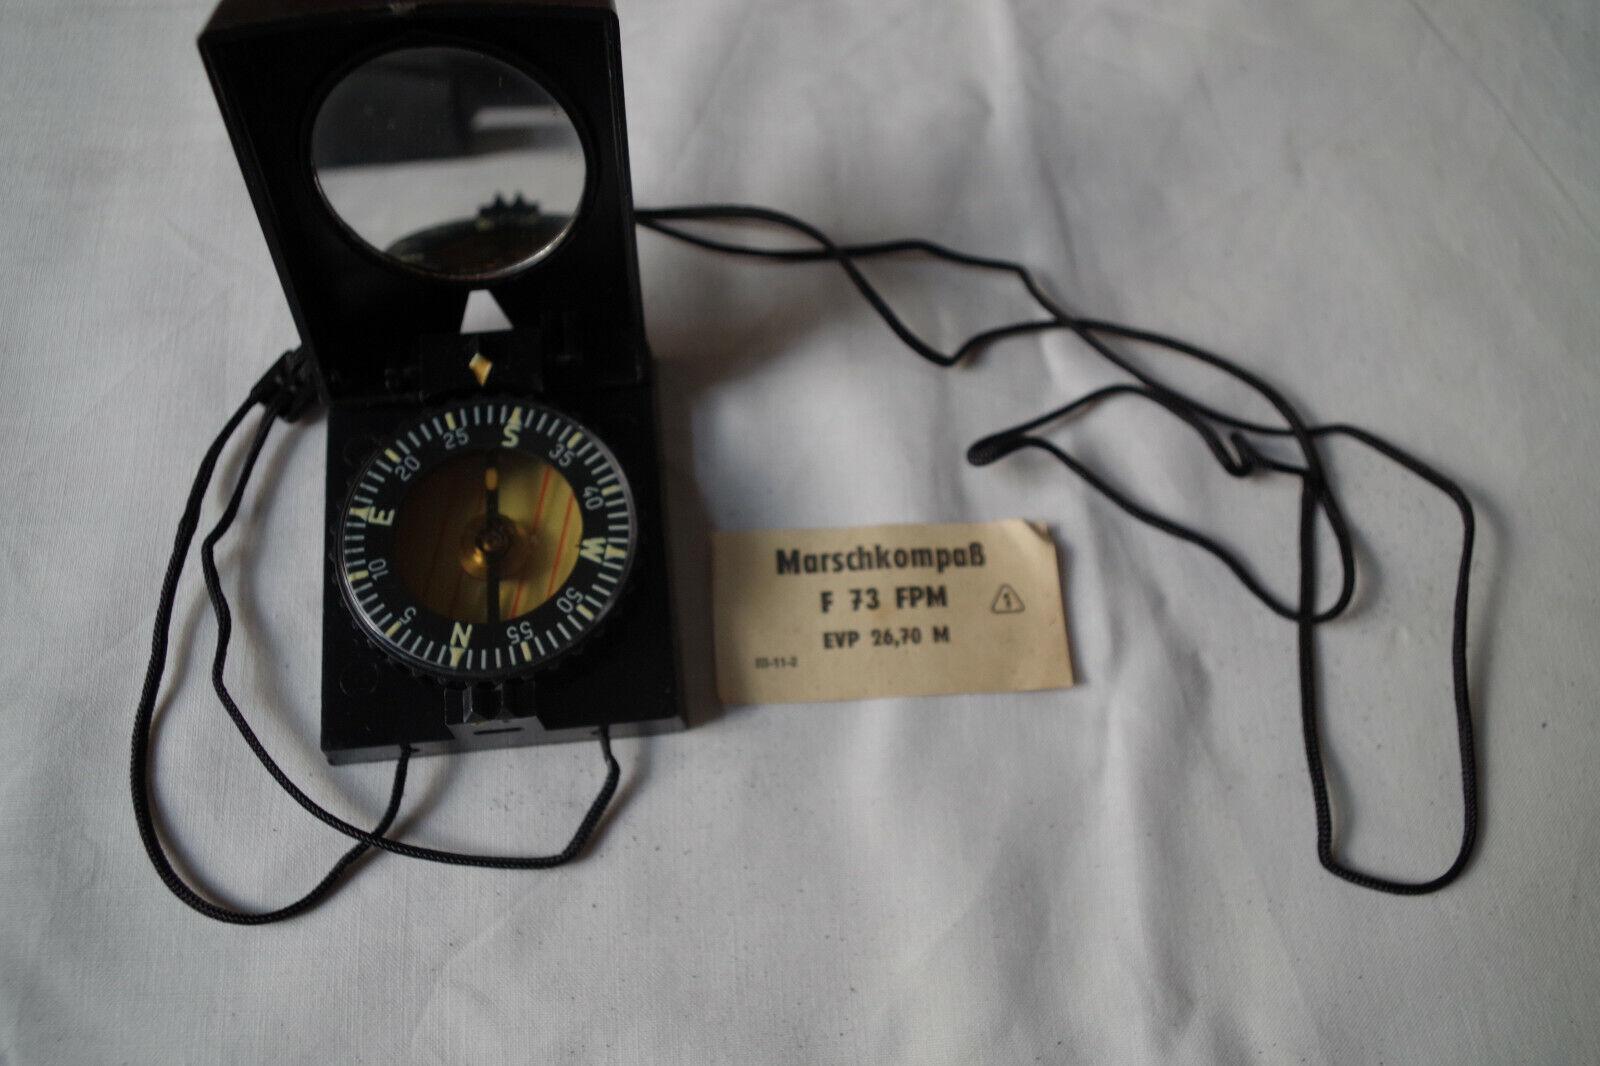 Bild 1 - Marschkompass F 73 der NVA mit Hülle und Beschreibung, unbenutzt